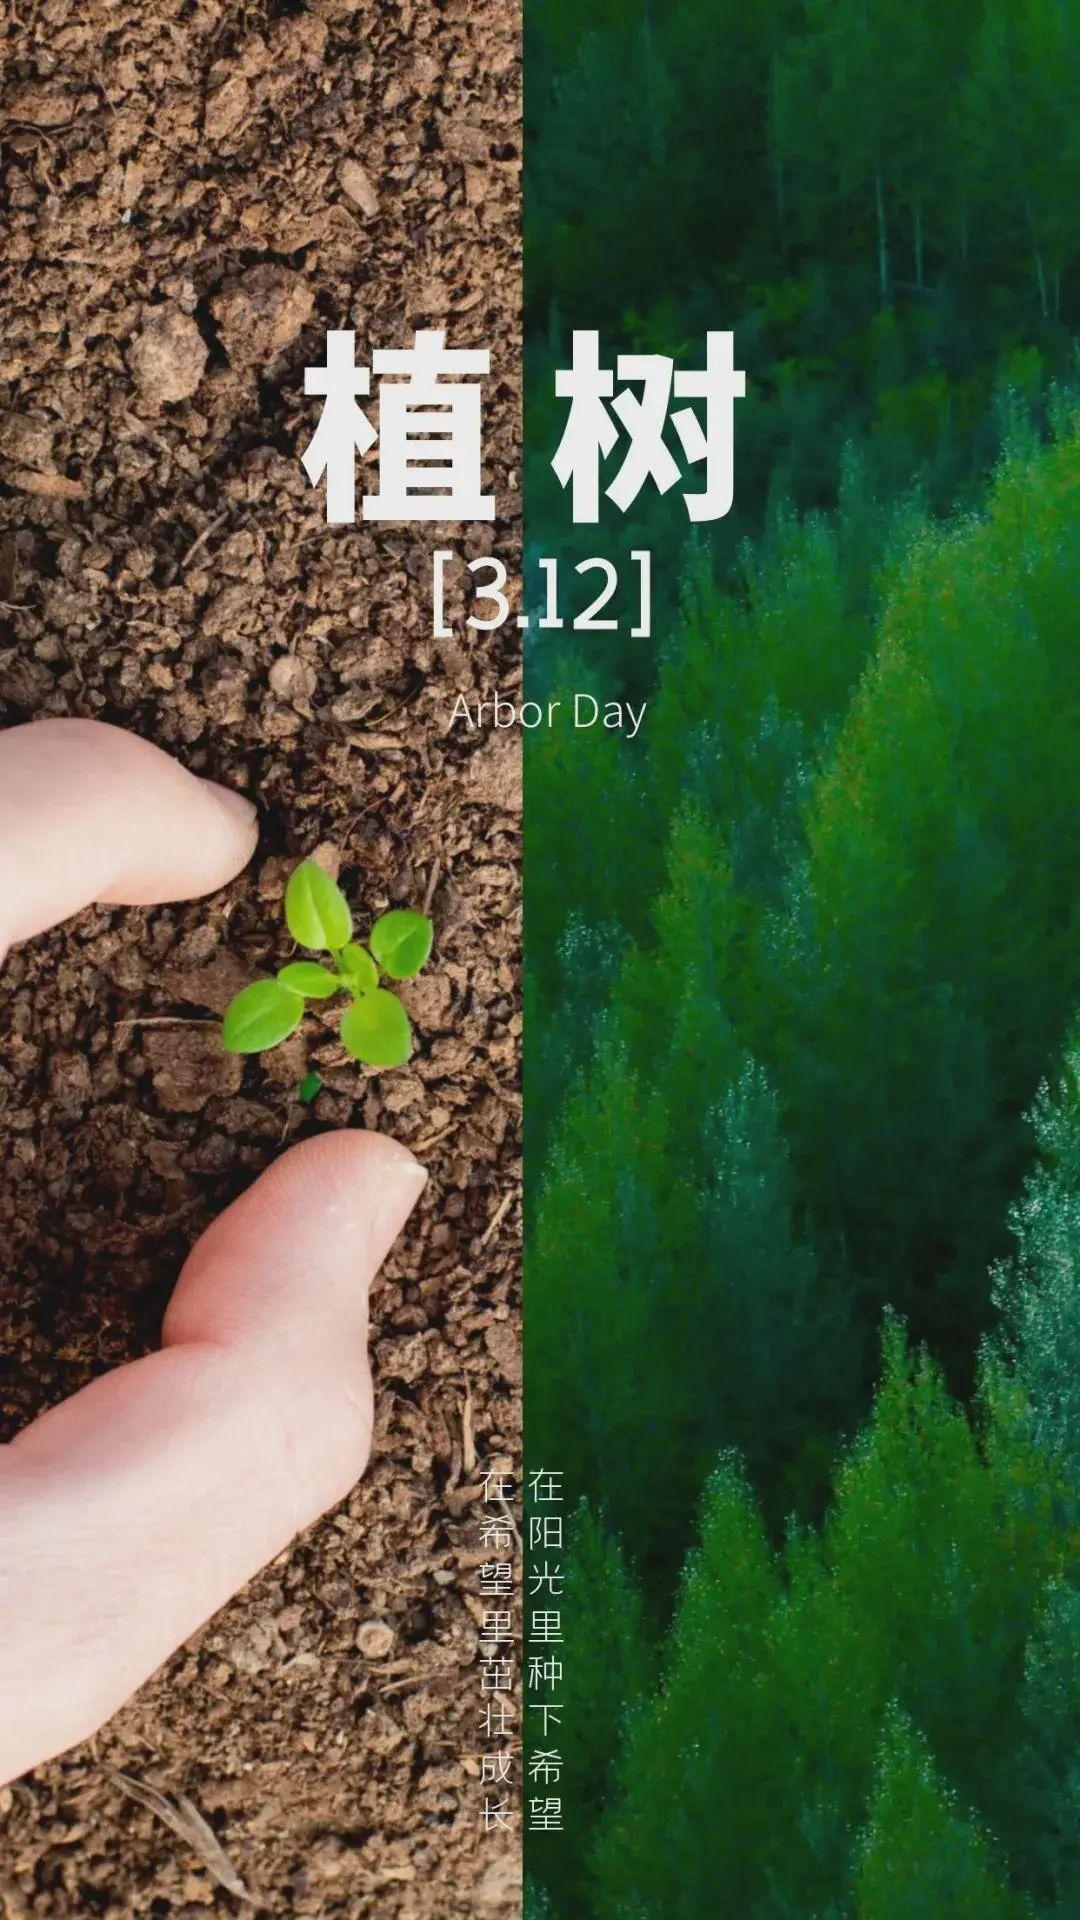 植树节图片配图,3.12植树节朋友圈祝福问候文案